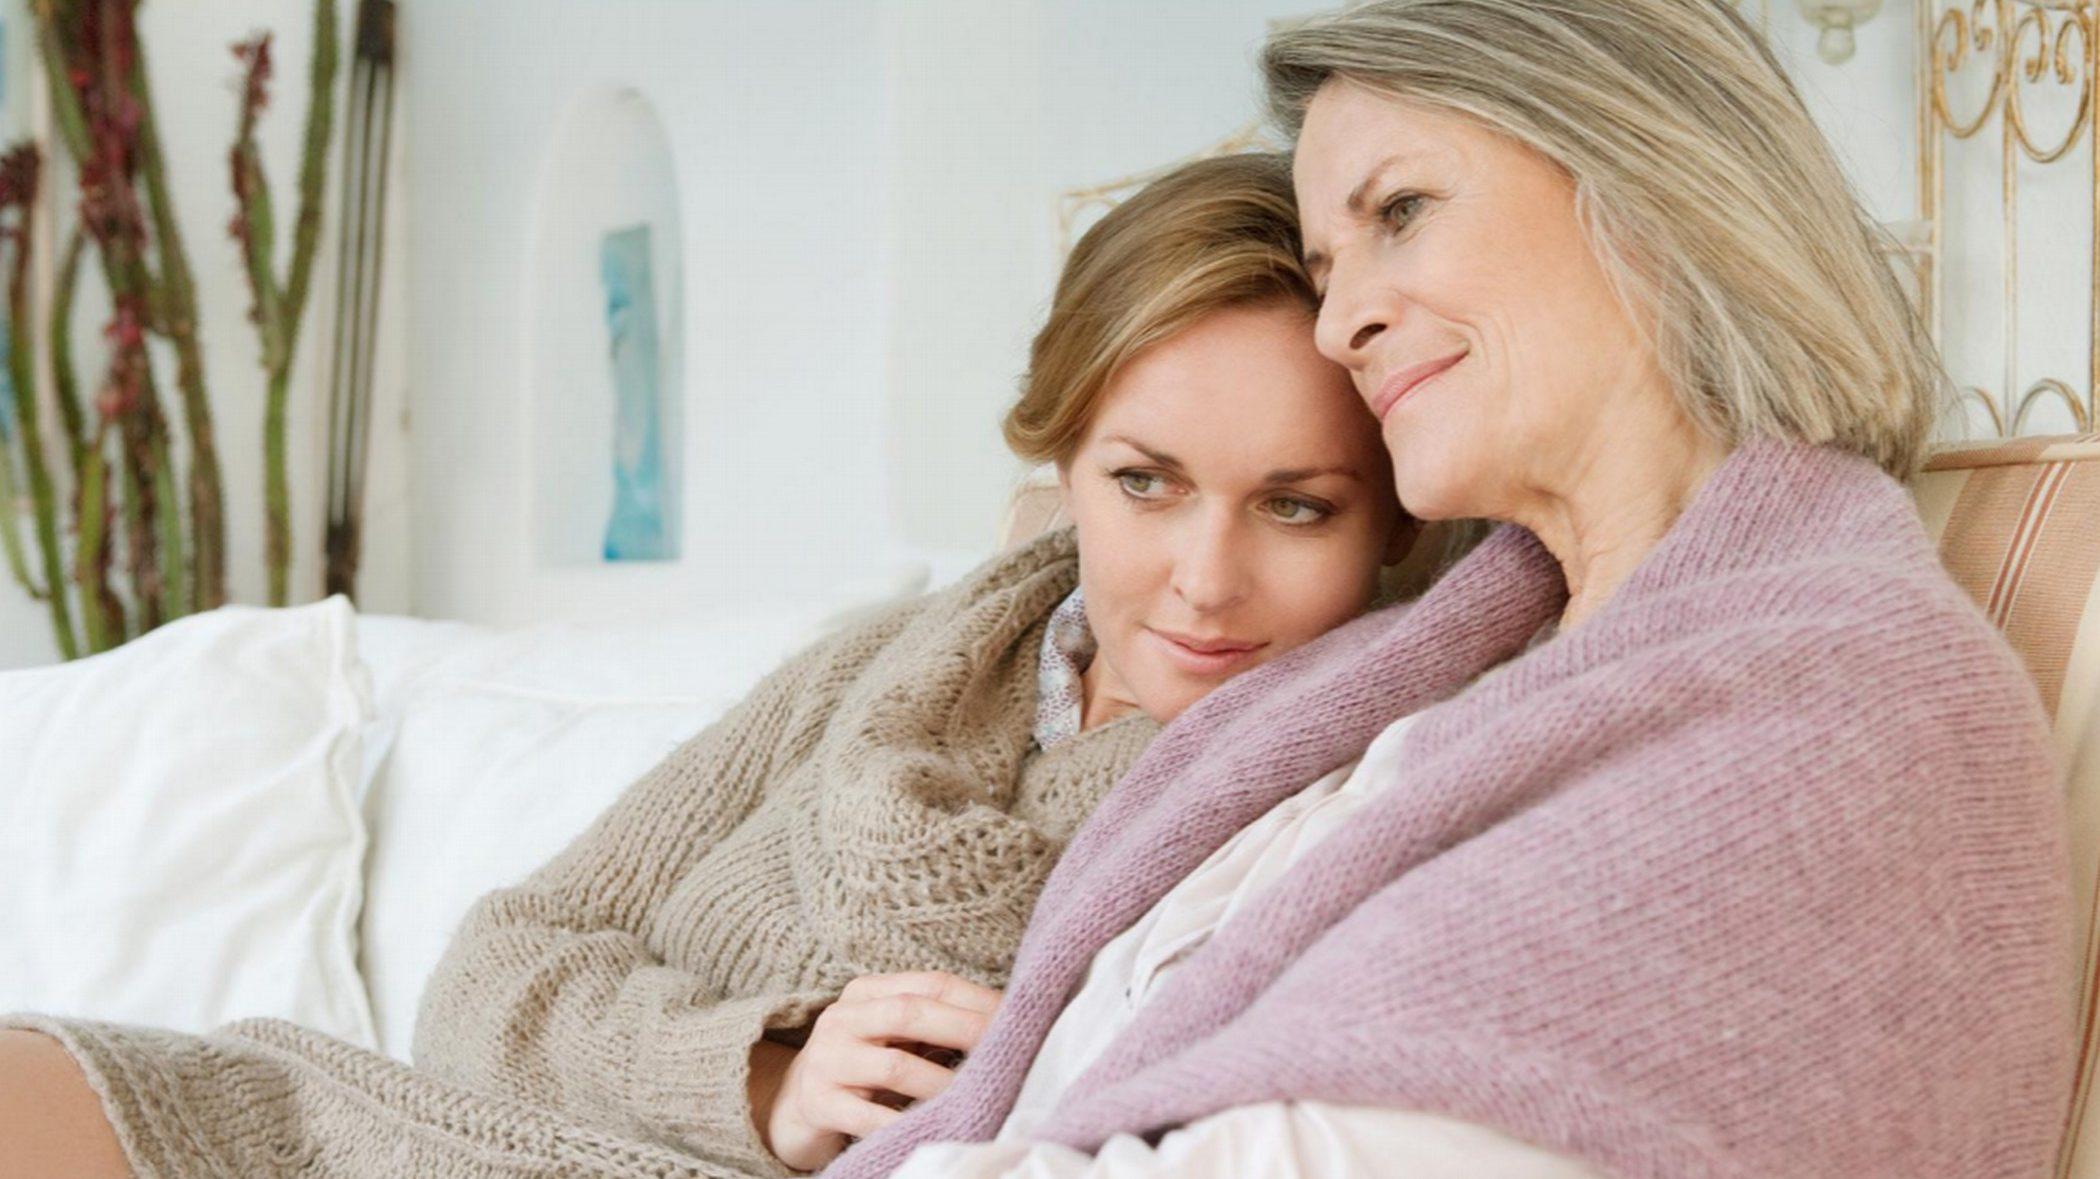 Bezpłatne badania mammograficzne dla kobiet